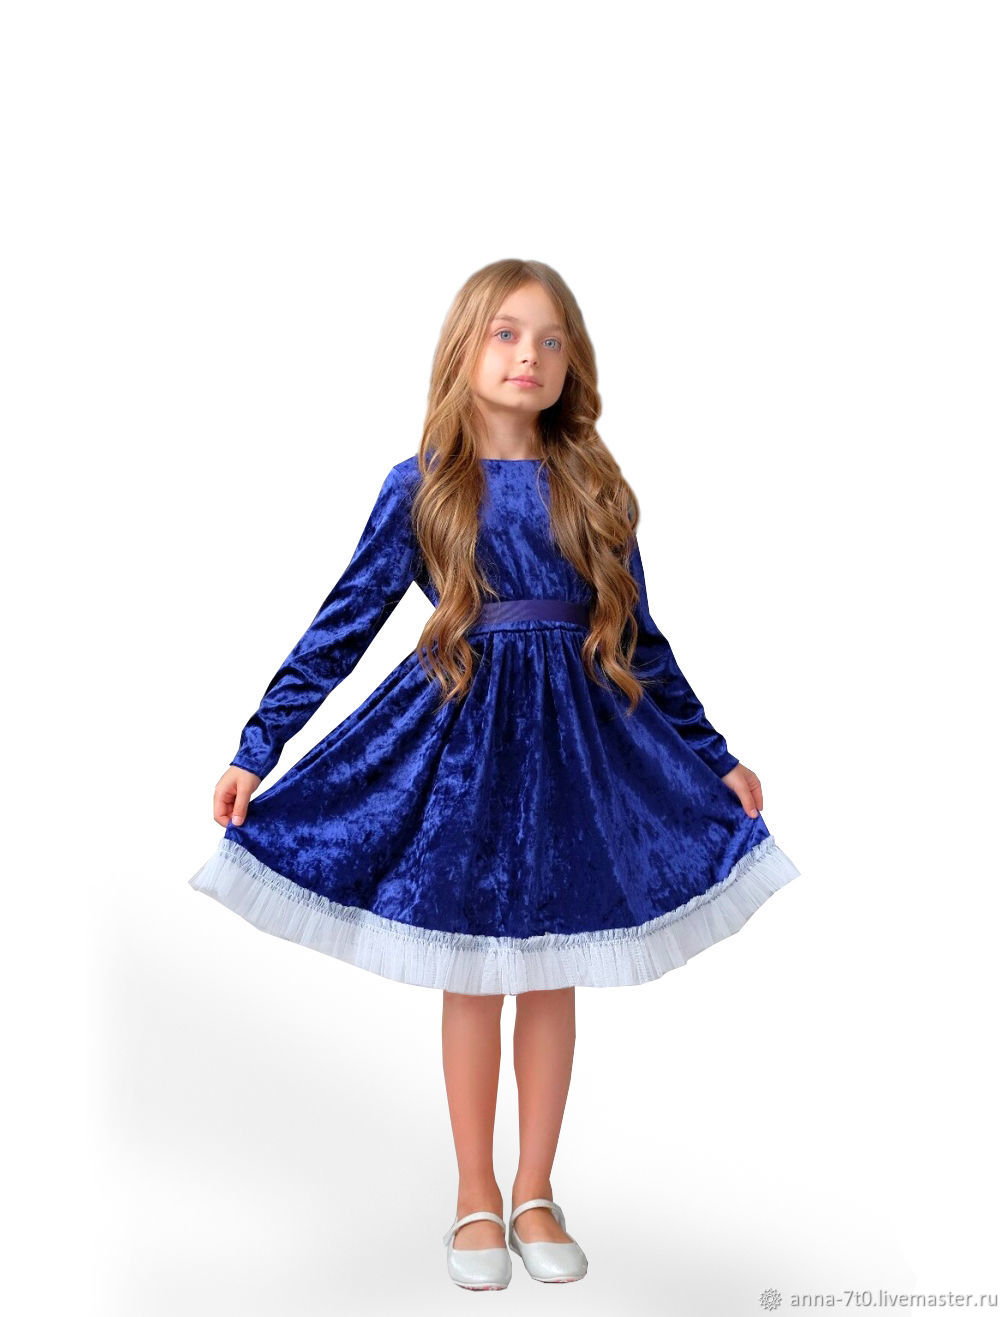 """Платье """"Бархатная элегантность"""" синий, с фатином, Платья, Самара,  Фото №1"""